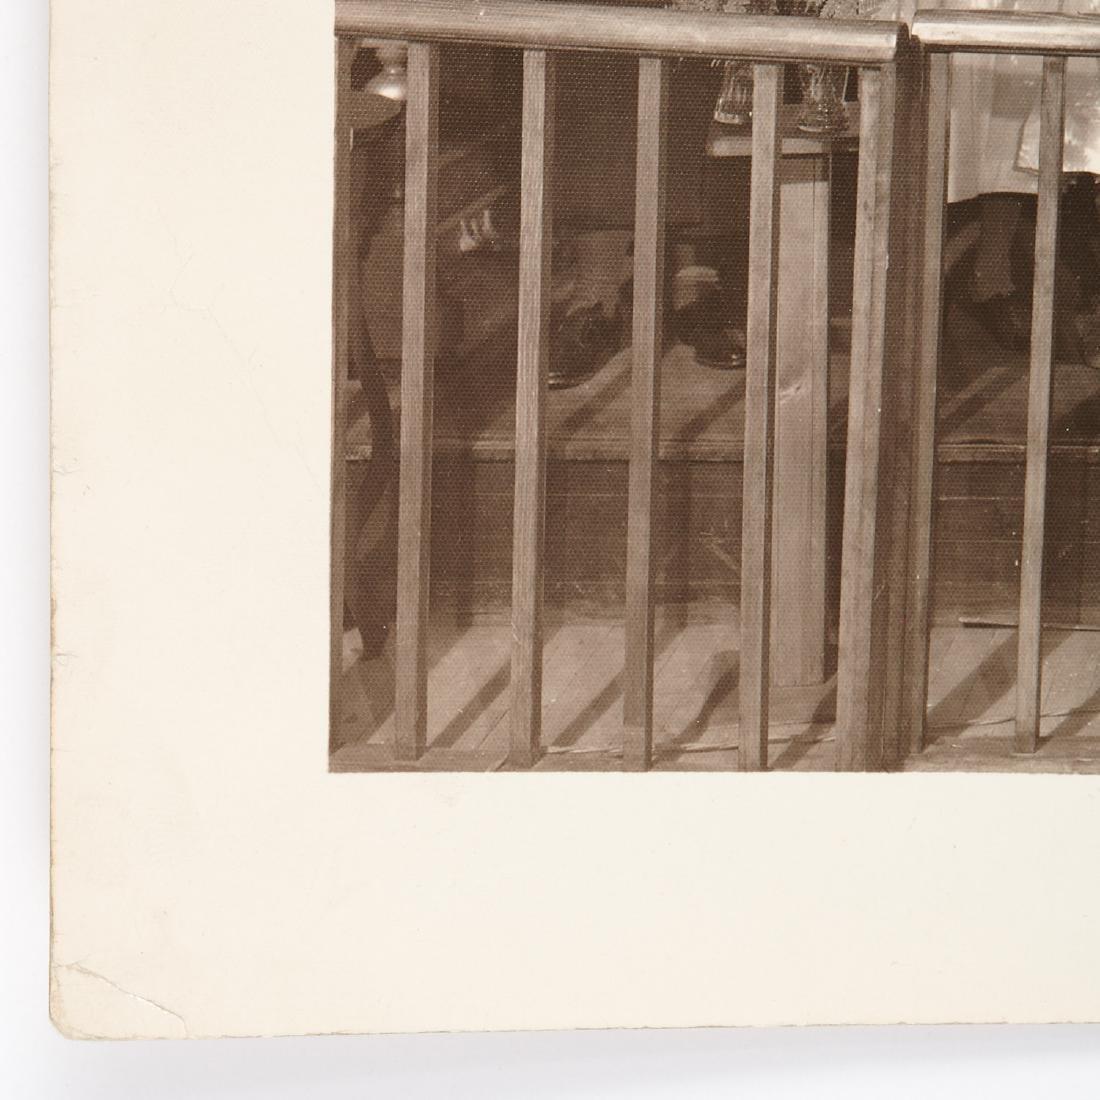 James Van Der Zee, photograph - 6